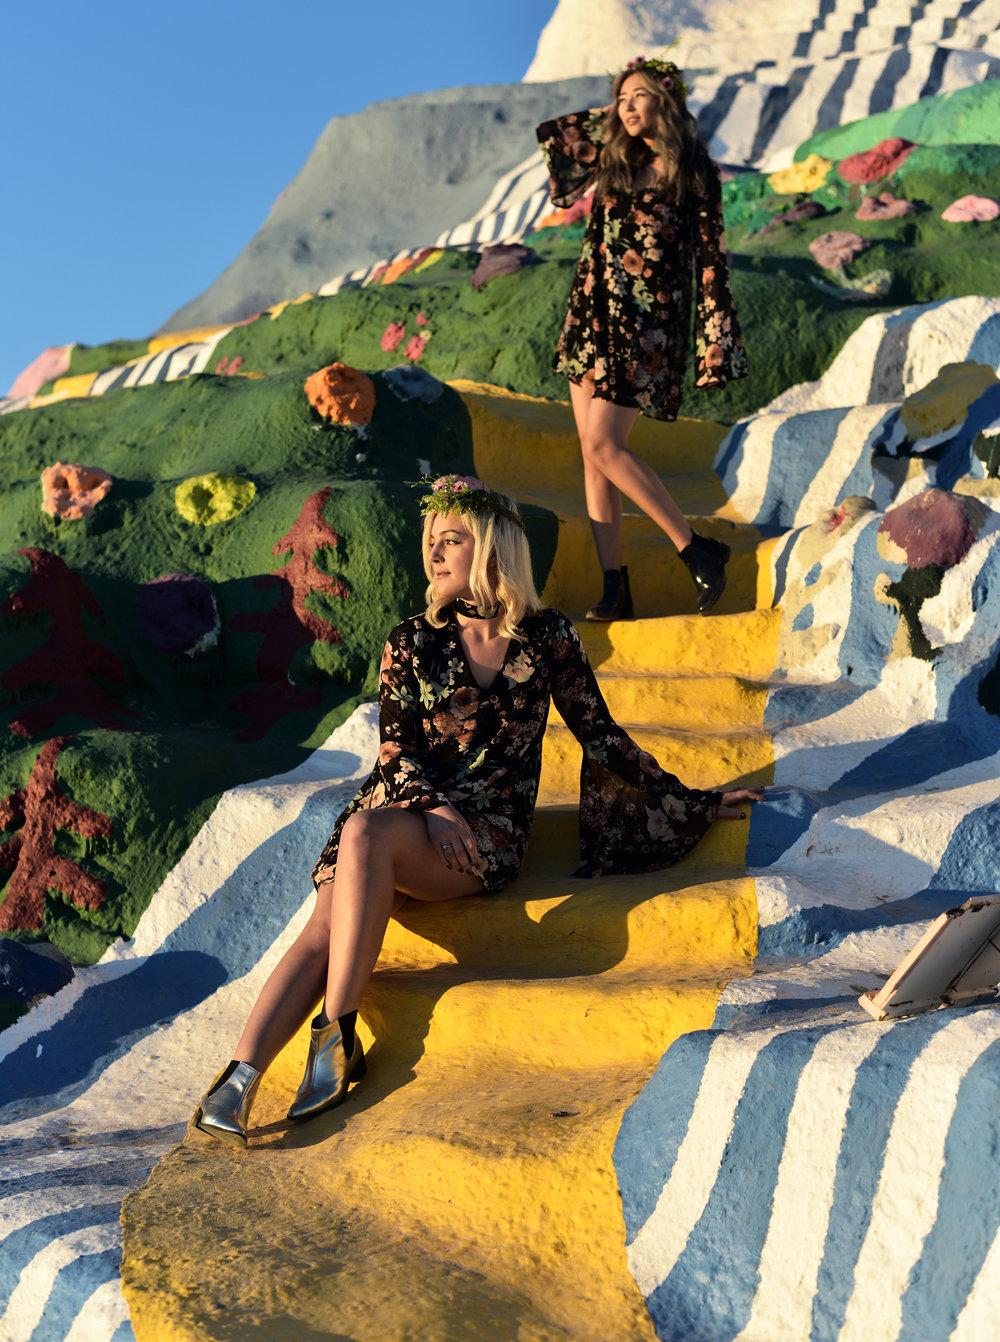 Lulus dress_salvation mountain_faith in style 5.jpg